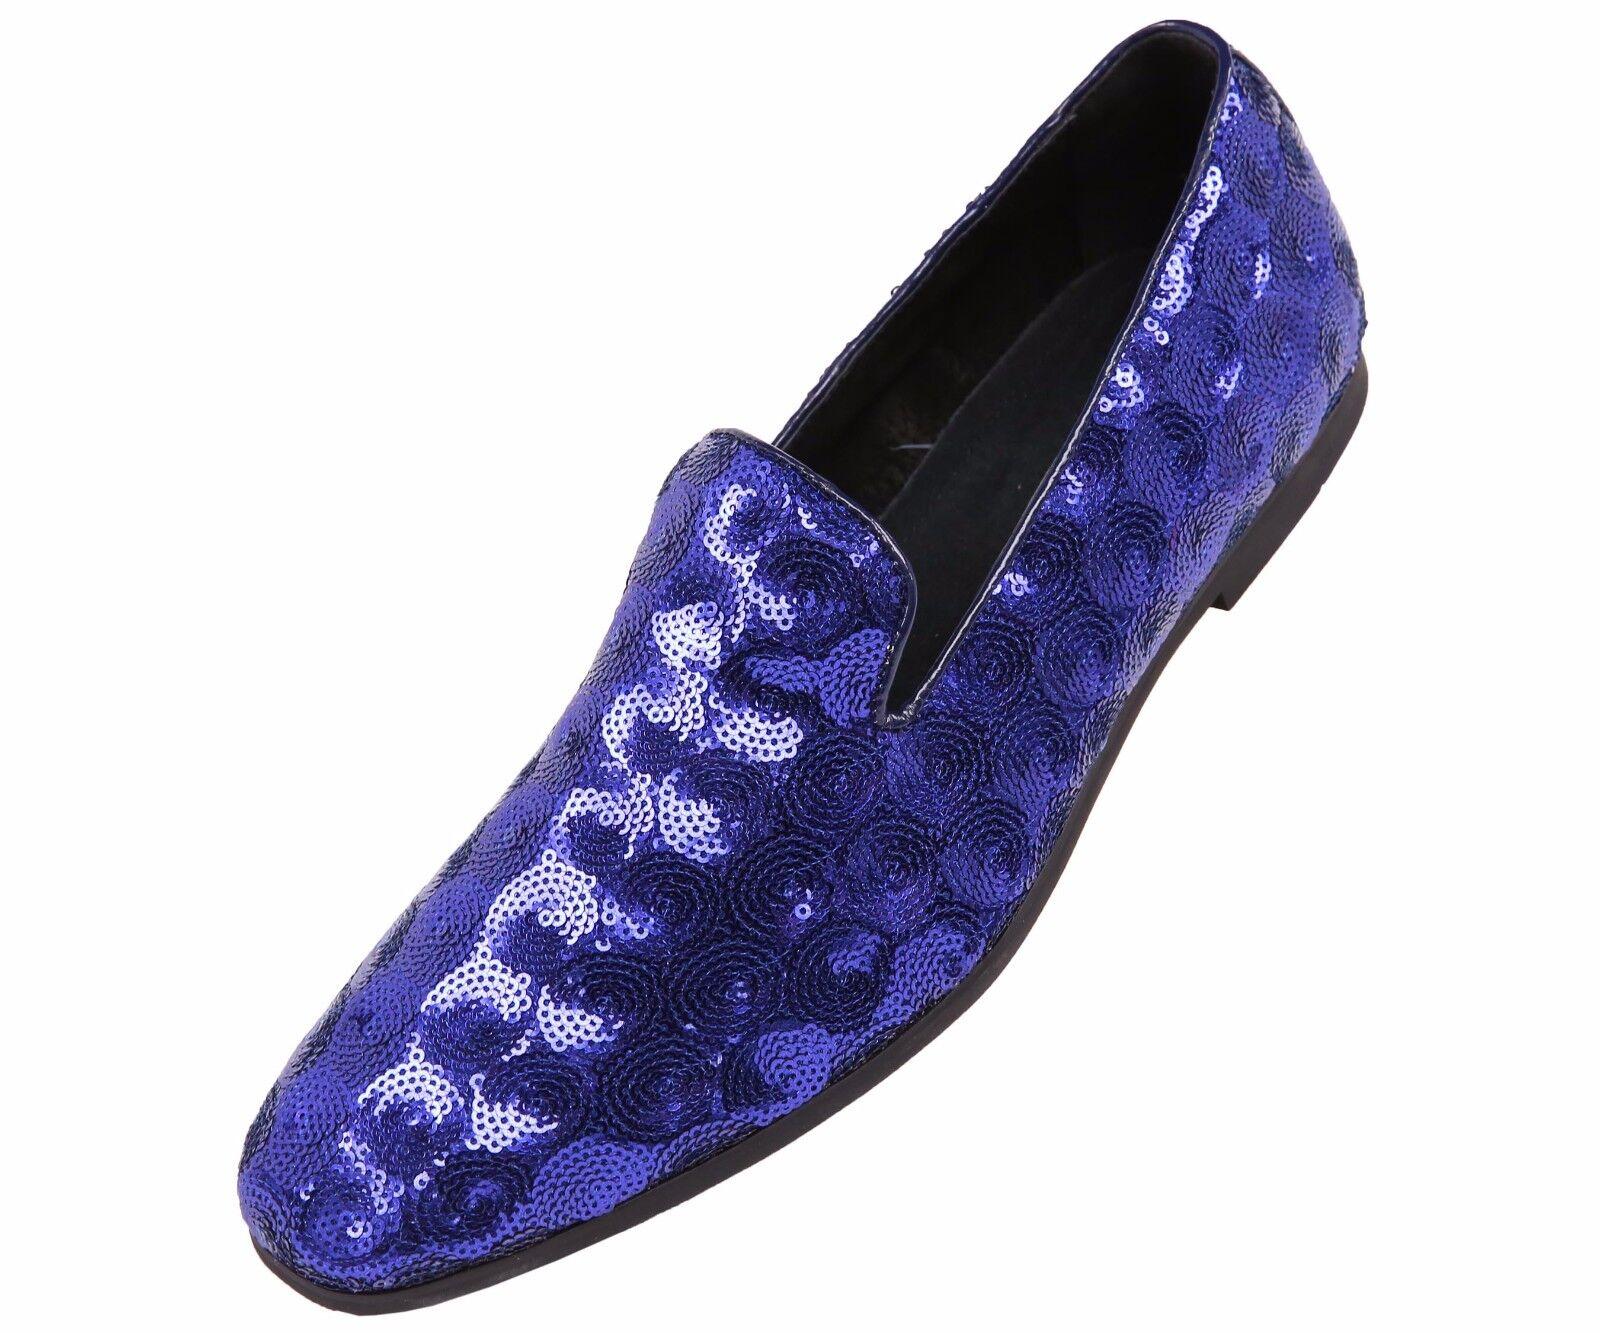 forniamo il meglio Amali Amali Amali Uomo Royal Sequin Circle Patterned Smoking Slipper Dress scarpe   Swirl-052  risposta prima volta